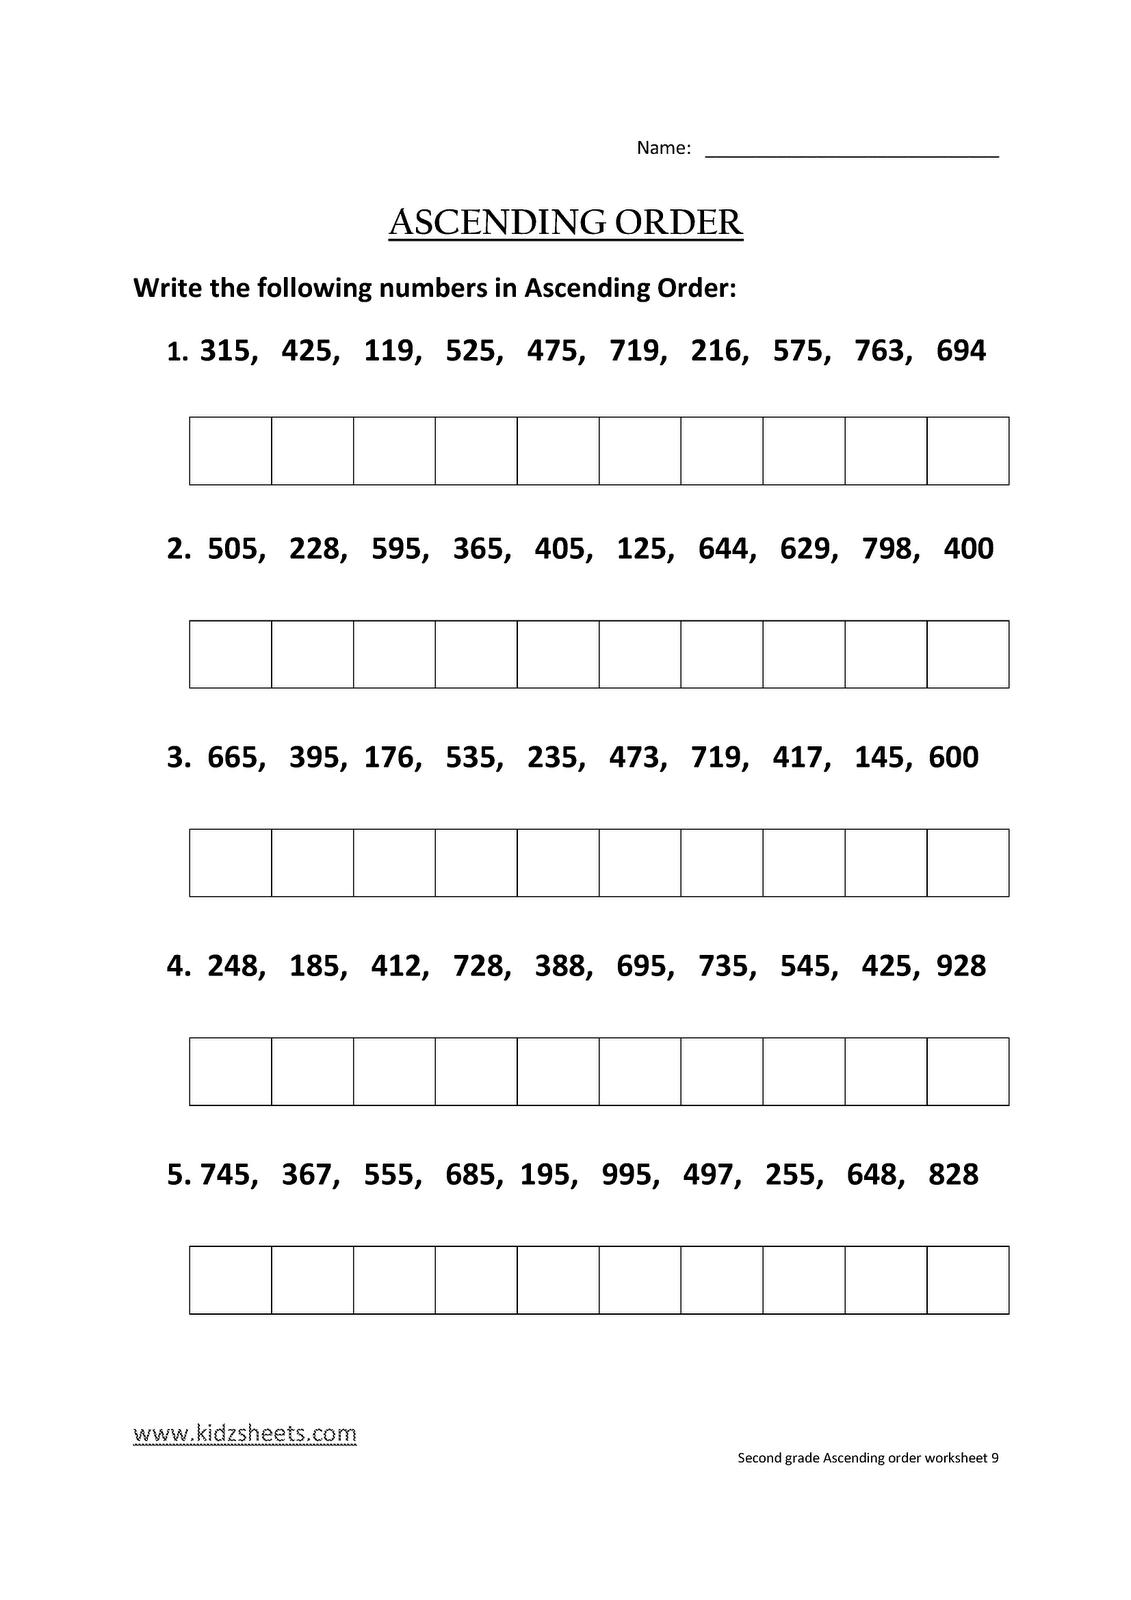 Kidz Worksheets Second Grade Ascending Order Worksheet9